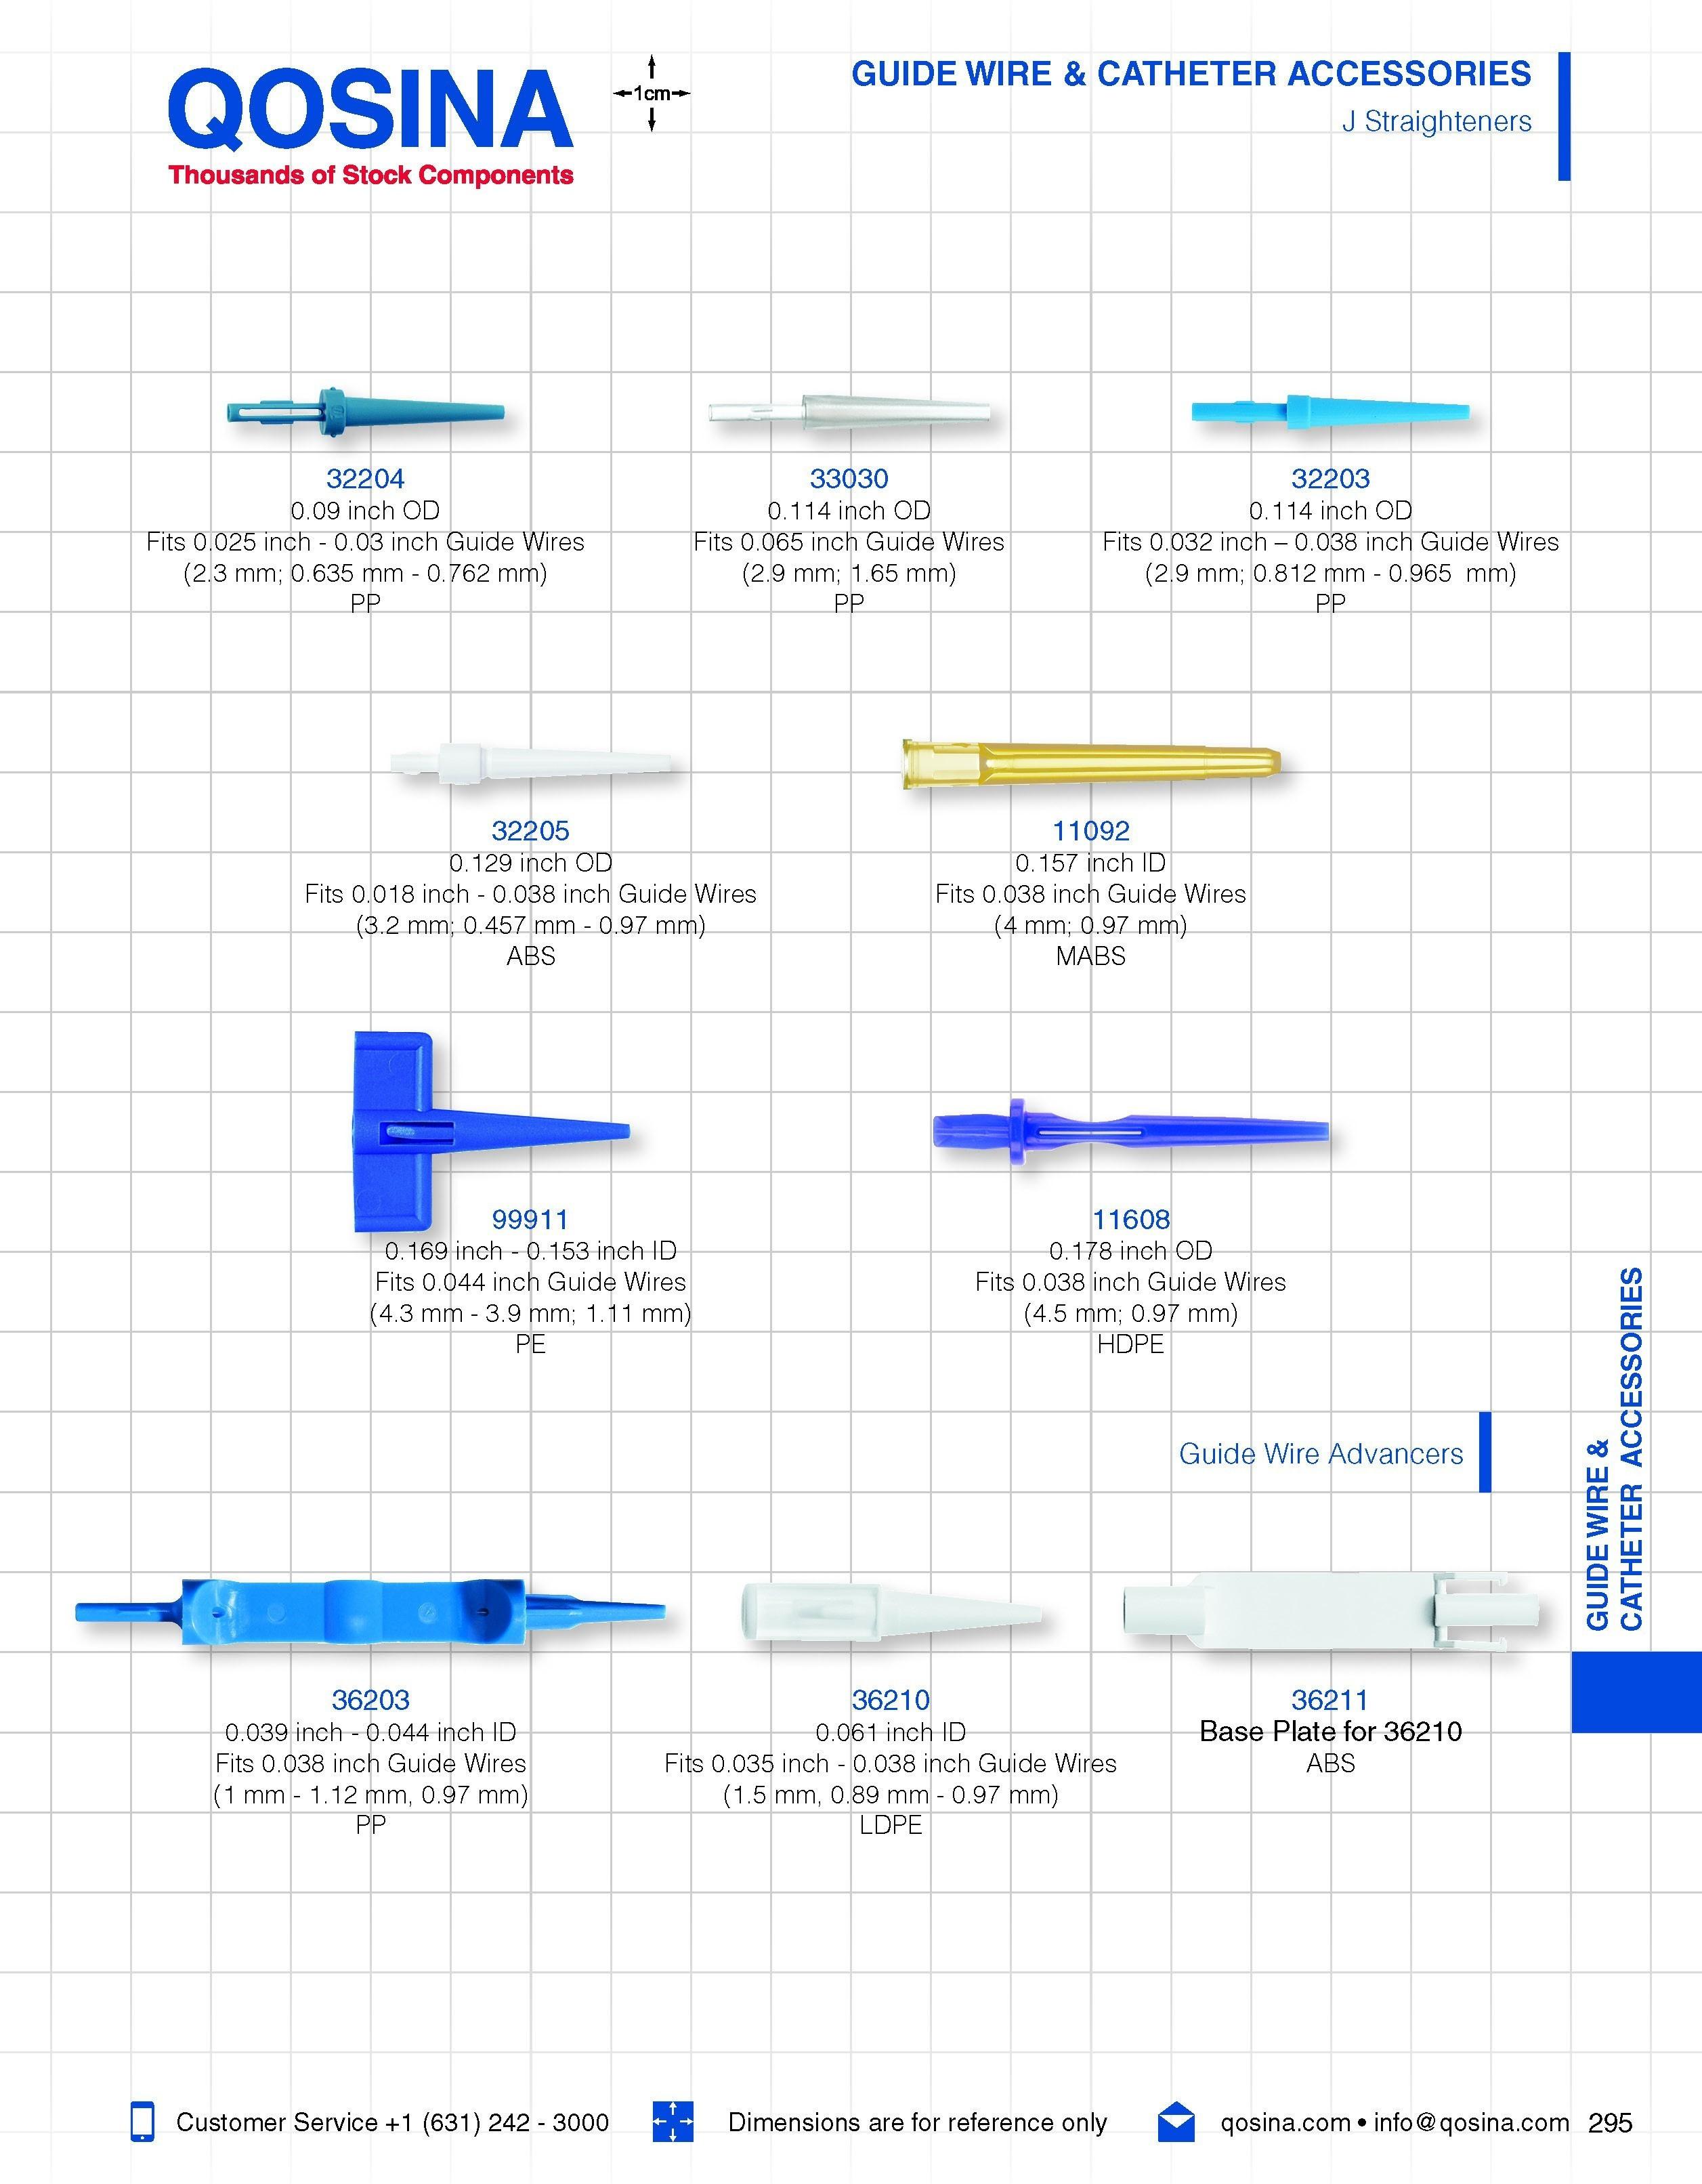 Wiring Diagram for Diesel Alternator Fresh Mf 135 Diesel Wiring Diagram Manual Valid Massey Ferguson 135 Wiring